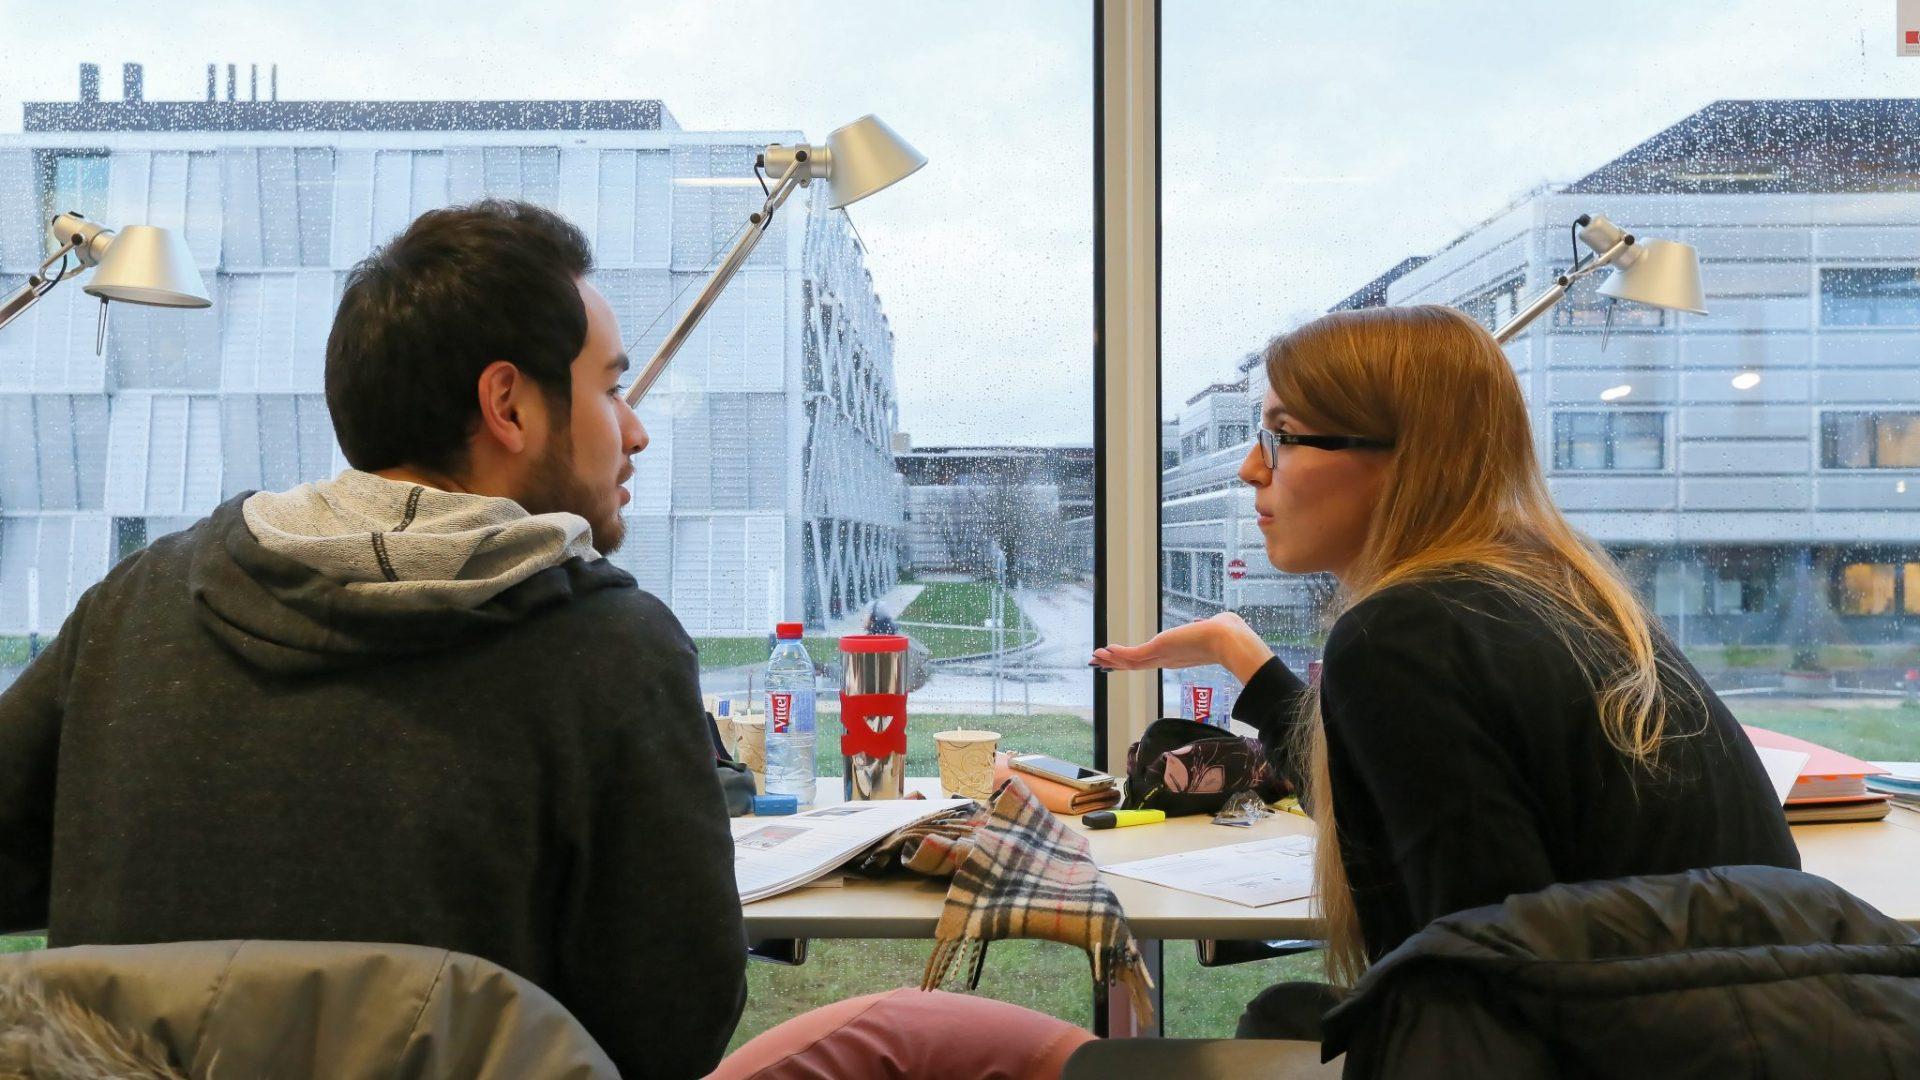 Des étudiants discutant devant une fenêtre du Rolex Learning Center, en révisant leurs examens